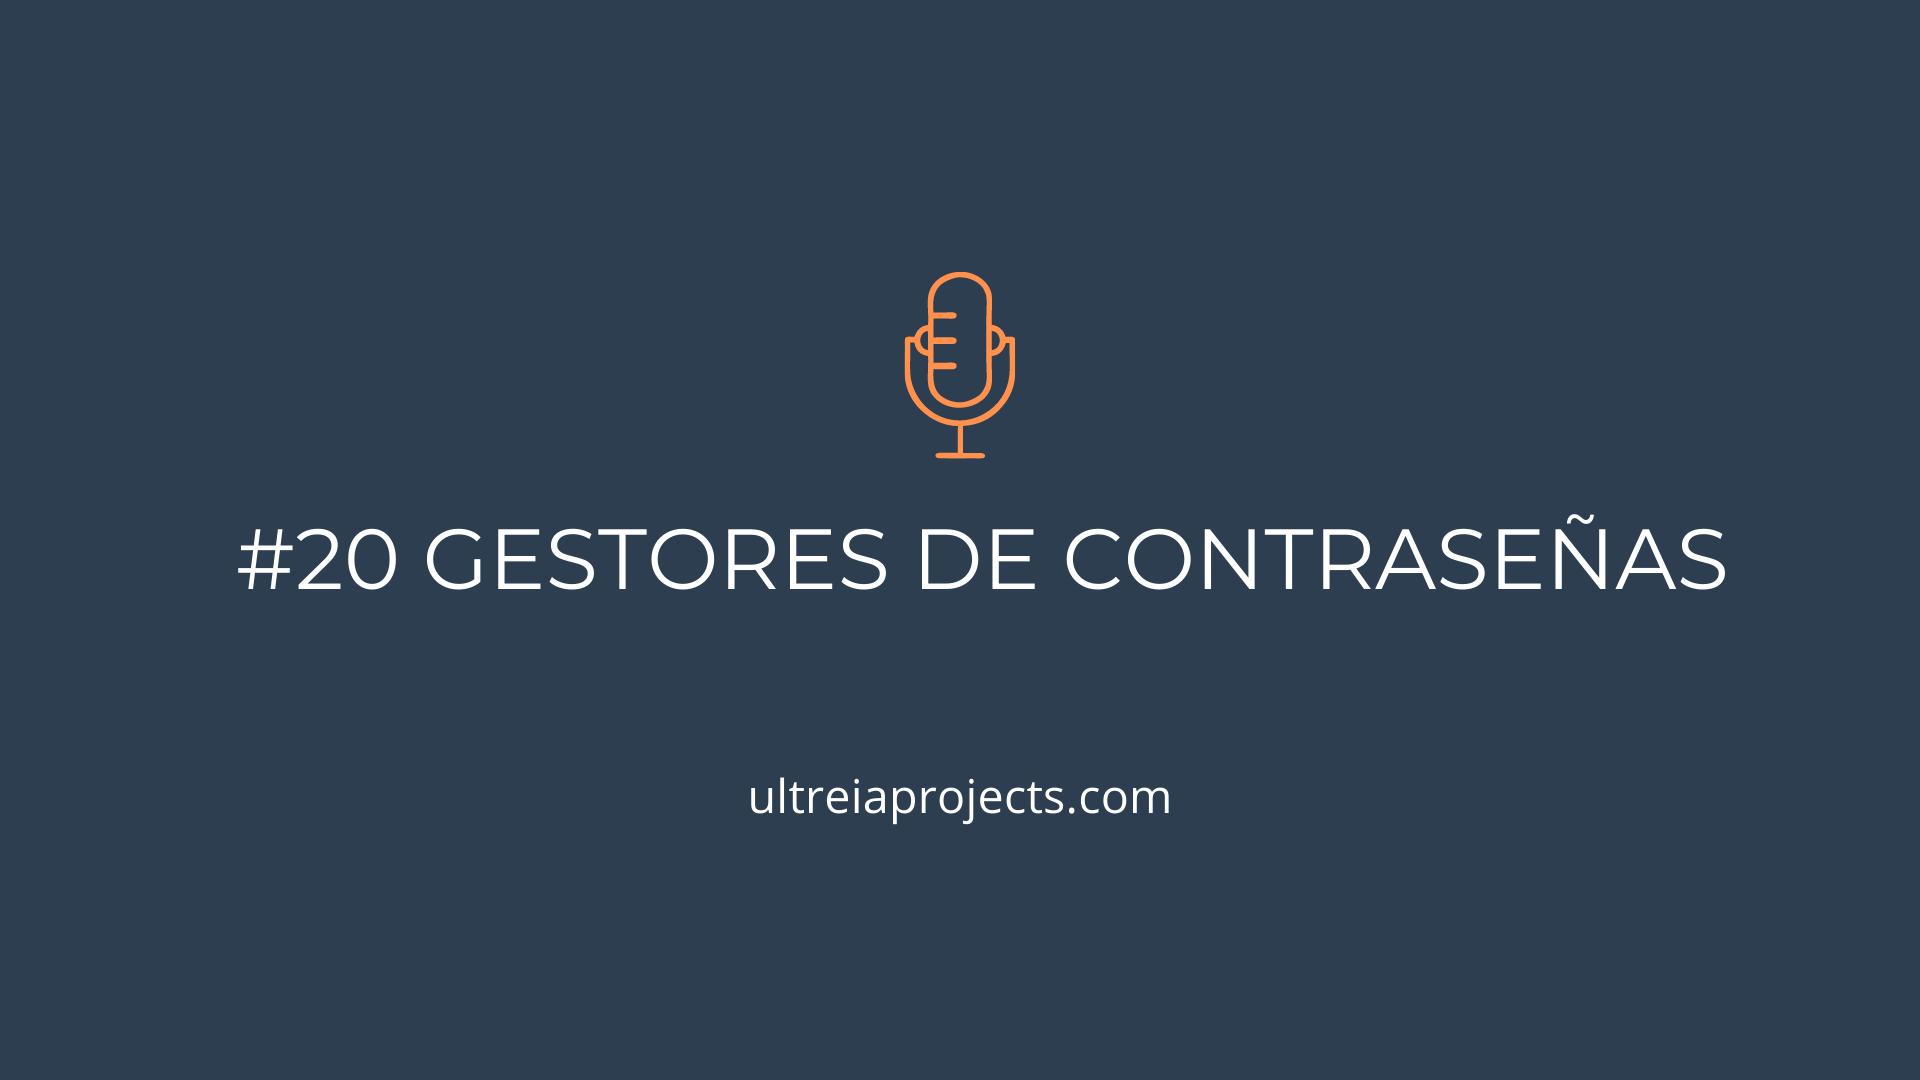 Episodio 20 Podcast Ultreia Projects - Gestores de contraseñas